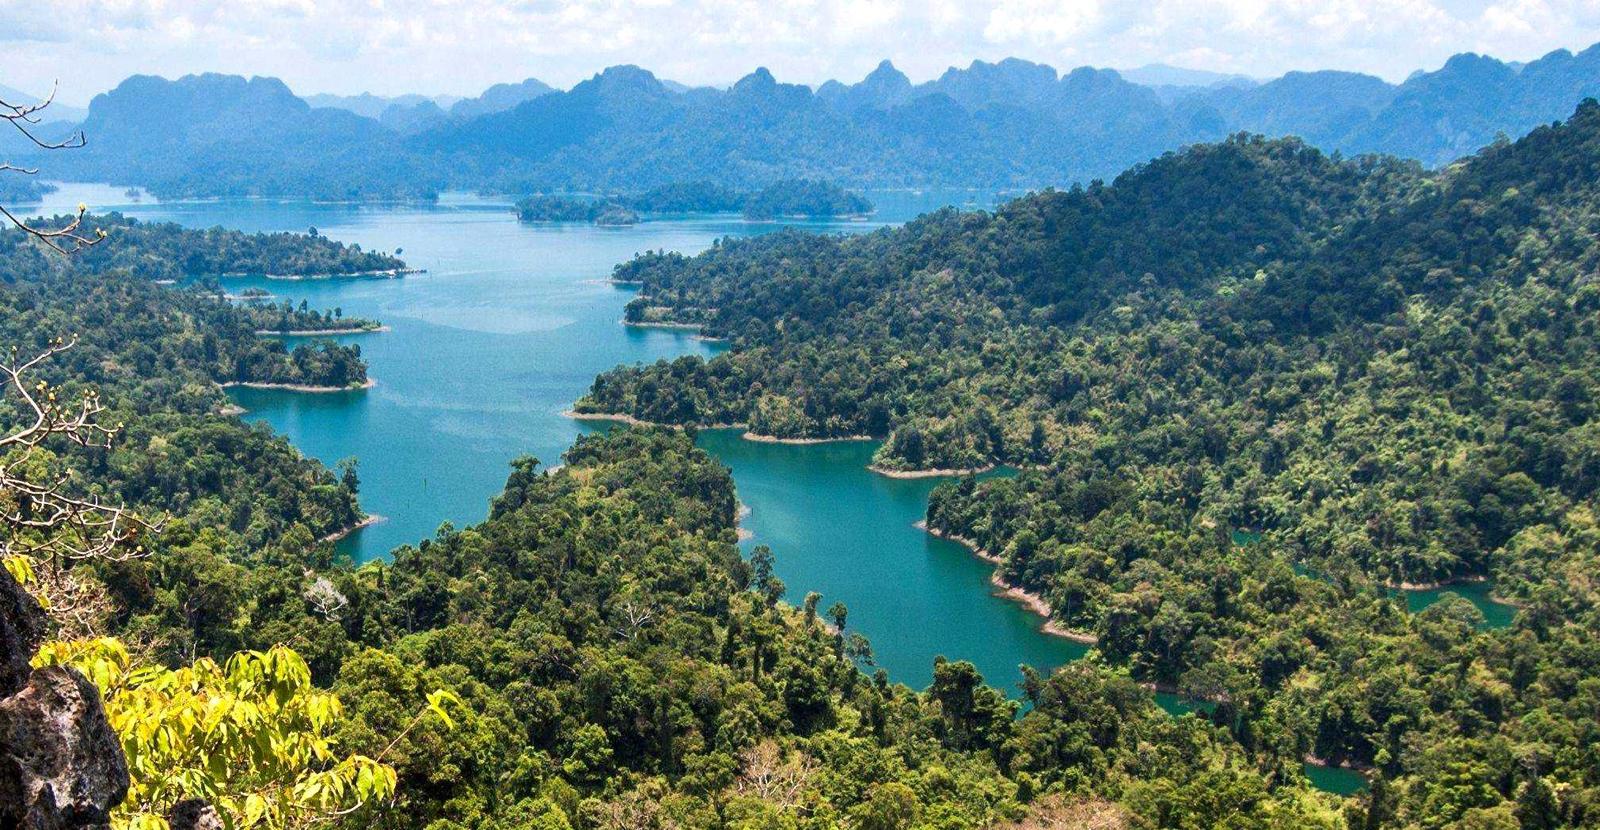 Национальный парк Кхао Сок, озеро Чео Лан